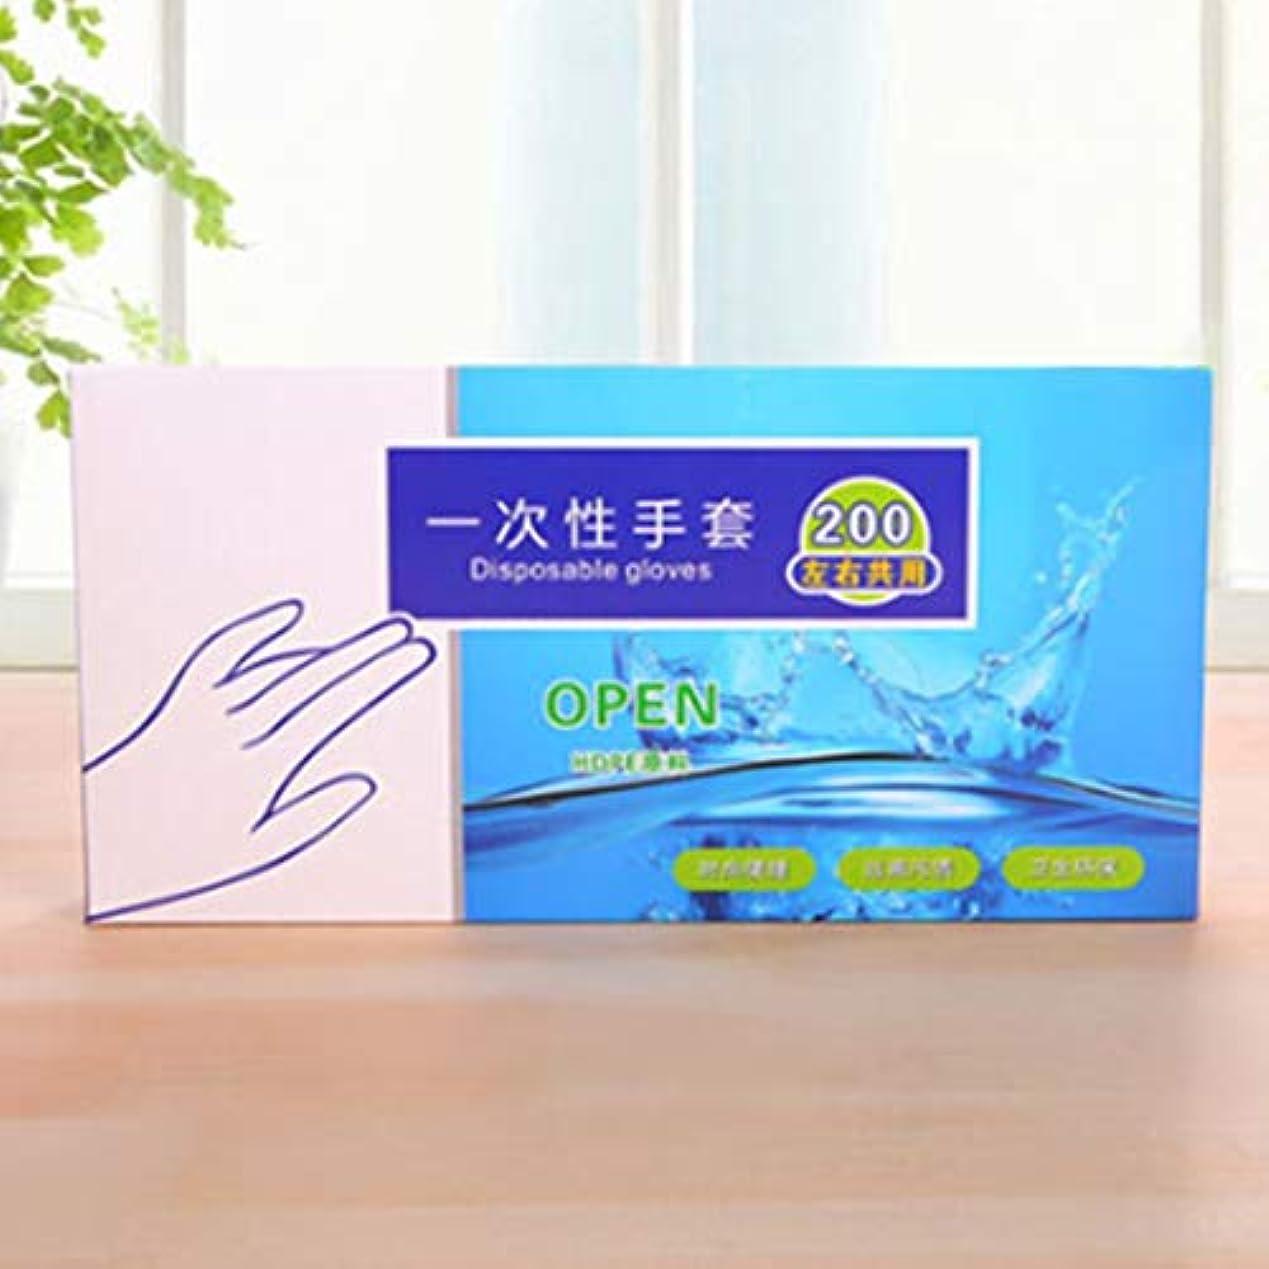 生きる不実失業SODAOA屋 使い捨て手袋 透明 実用 衛生 プラスチック 調理 お掃除 毛染め 100枚/200枚 (200)